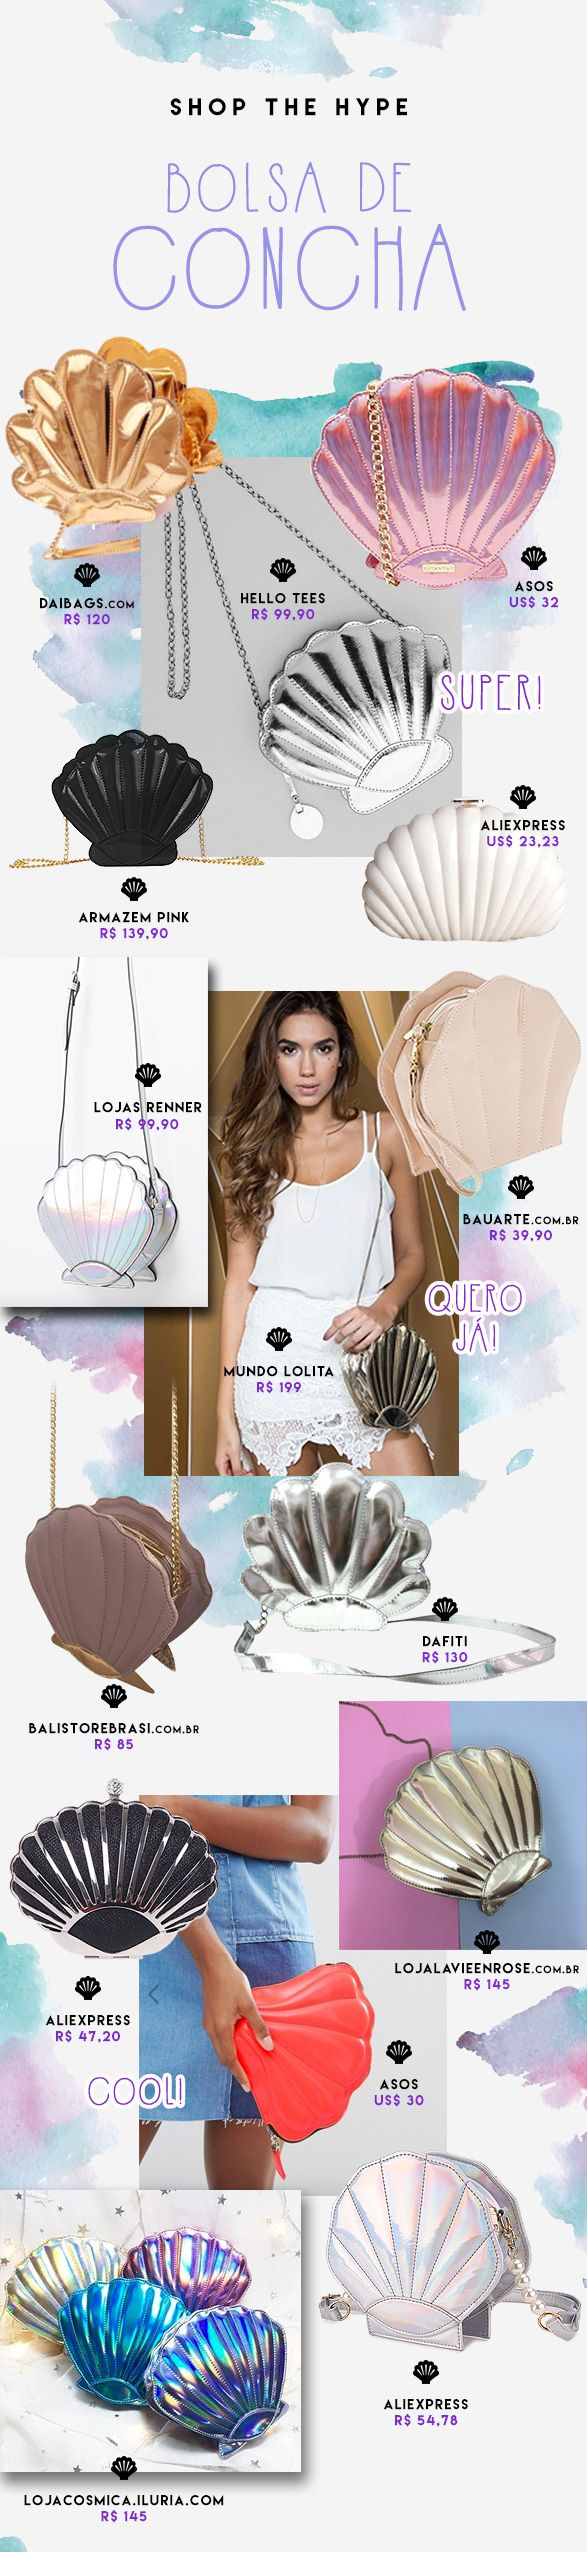 Bolsas de conchas estão super trending nesse verão! Inspire-se e monte seus looks